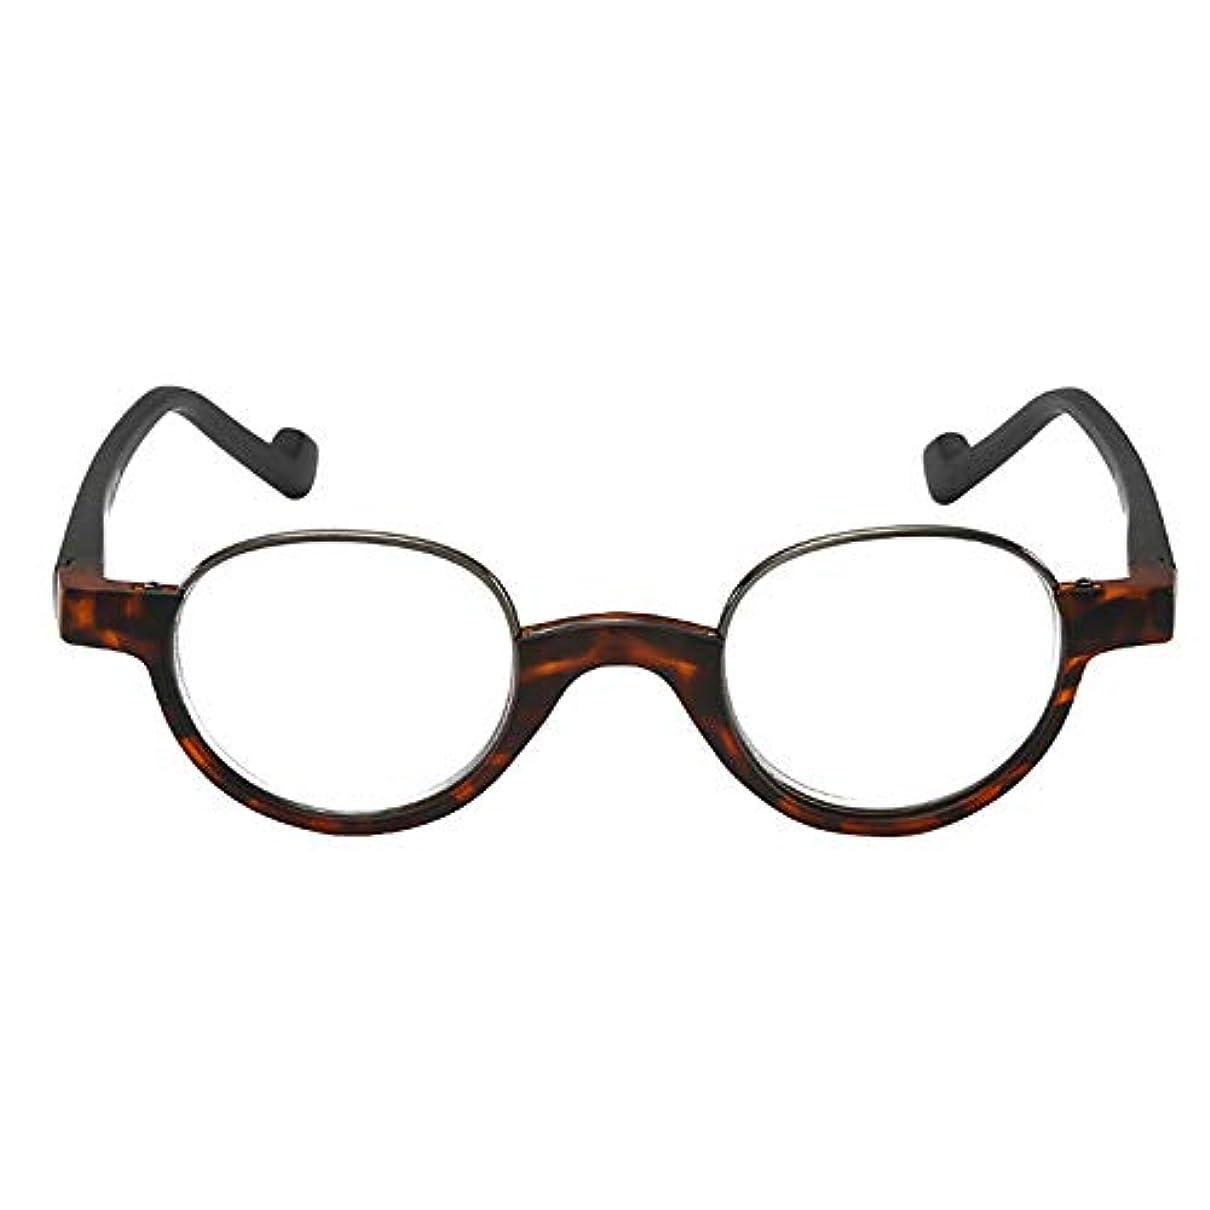 高精細老眼鏡は耐紫外線性と抗疲労性です、 携帯用折りたたみ老眼鏡、男性と女性のレトロ樹脂老眼鏡、春に蝶番を付けられた超薄型ラウンドフレームメガネ